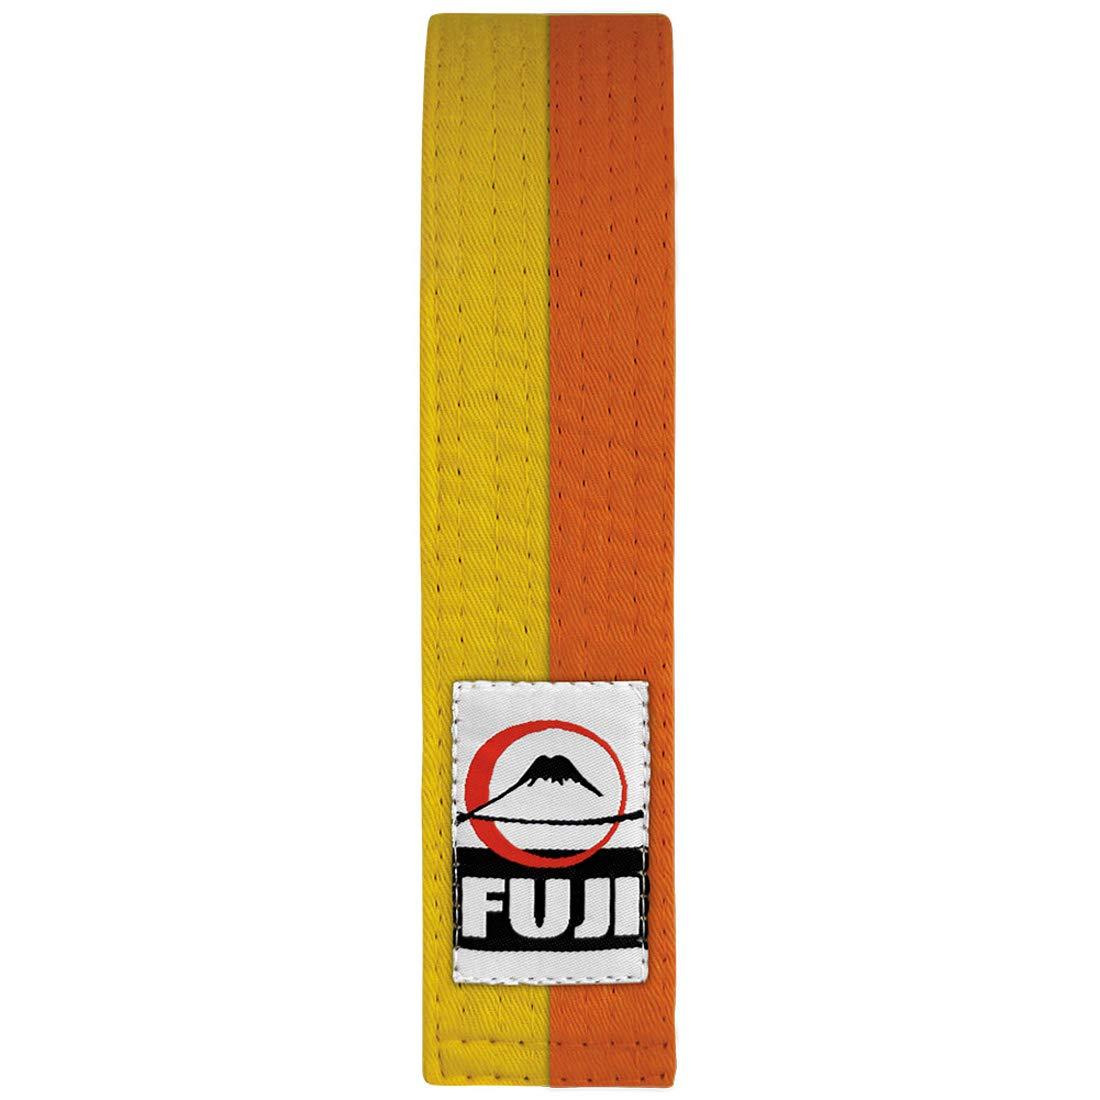 Karate Fuji Two Tone Belts for Judo TKD